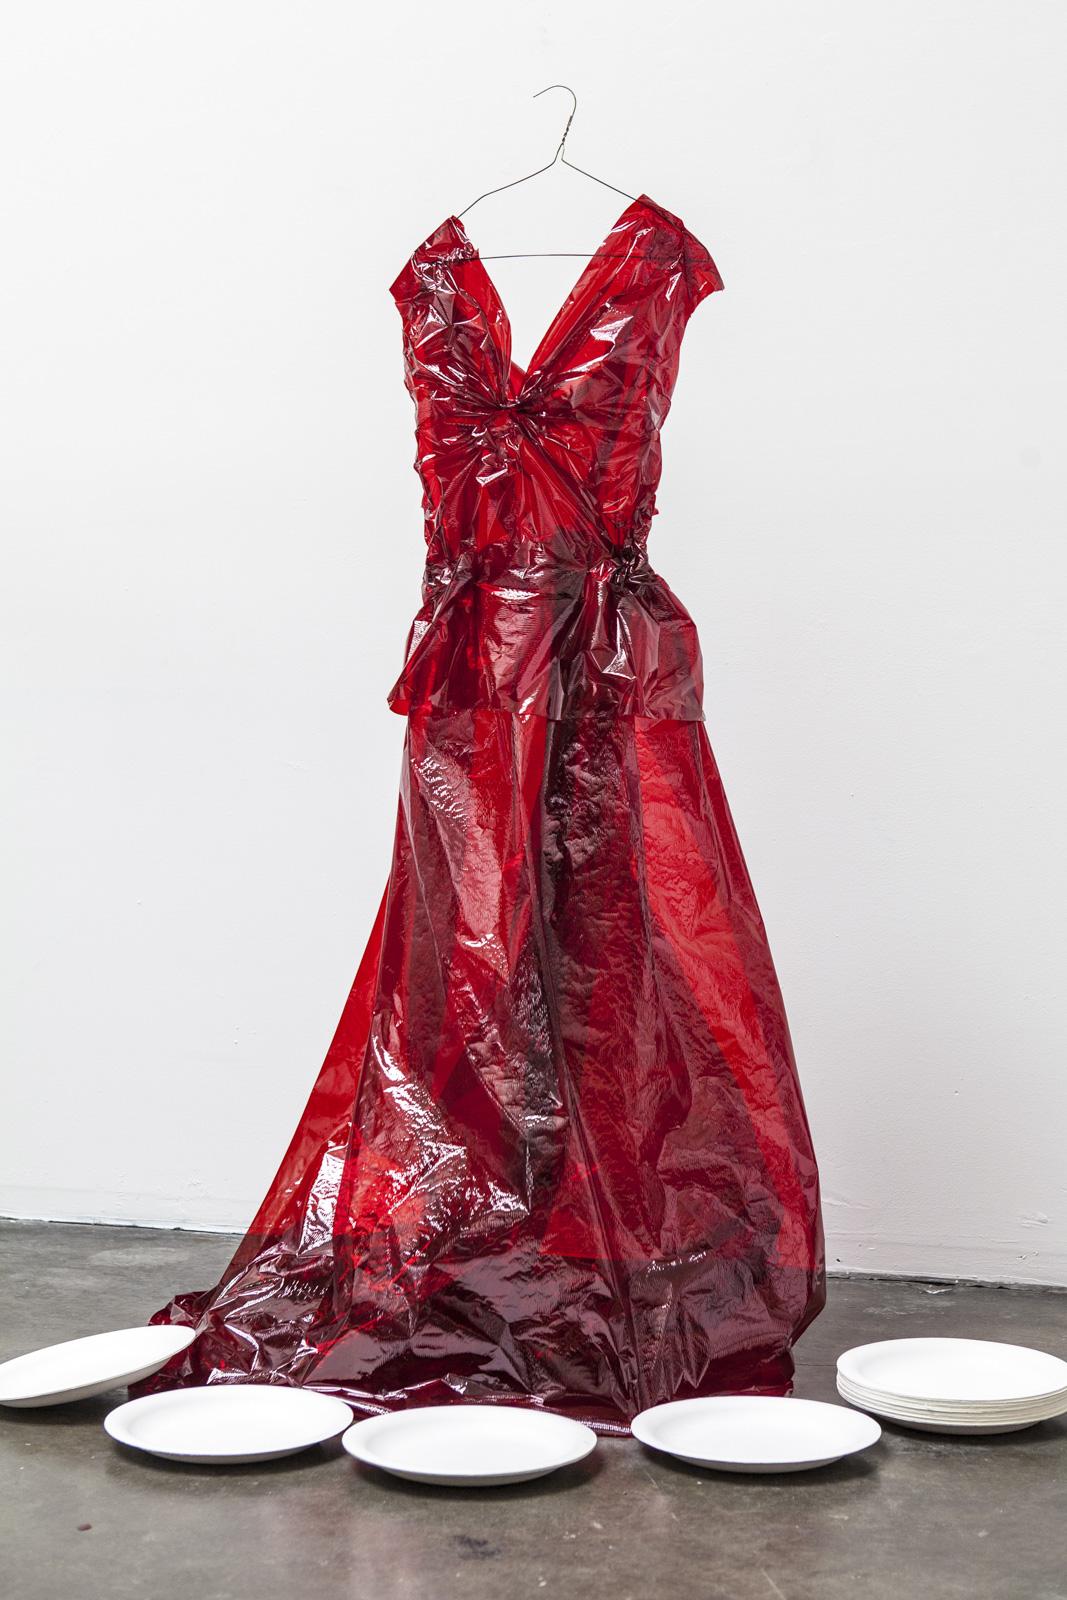 Red Cellophane © Jane Szabo